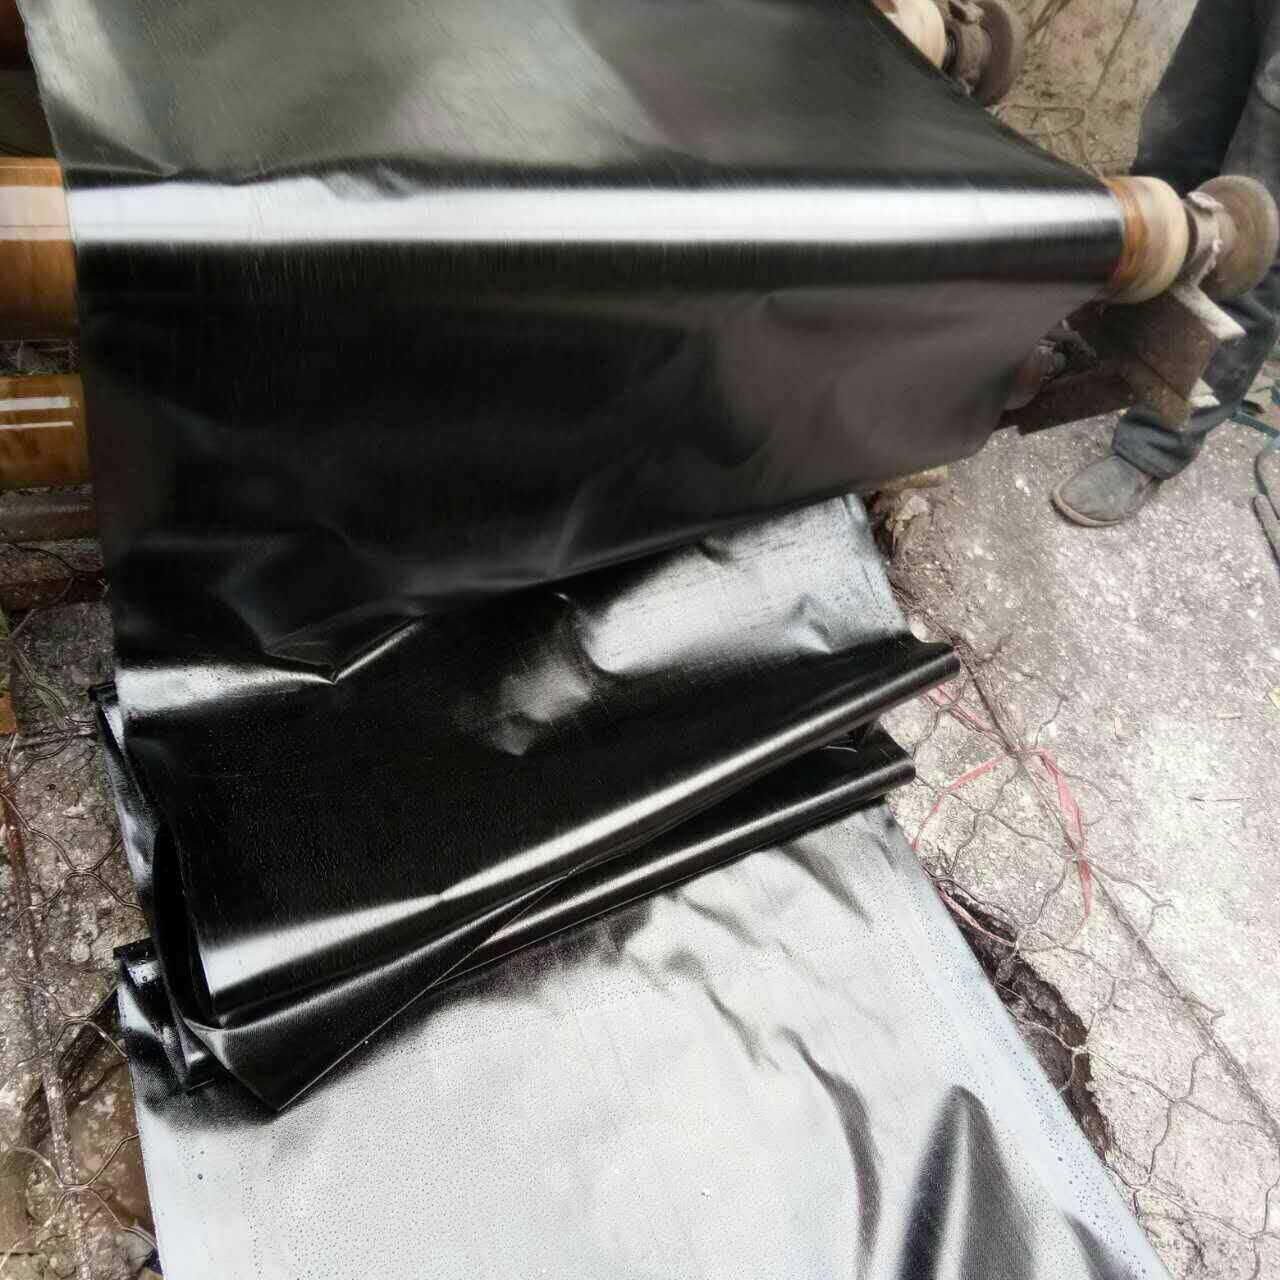 玻纤布厂生产 玻璃纤维沥青布批发 高密度防火 防水沥青布 外护材料玻璃纤维沥青布